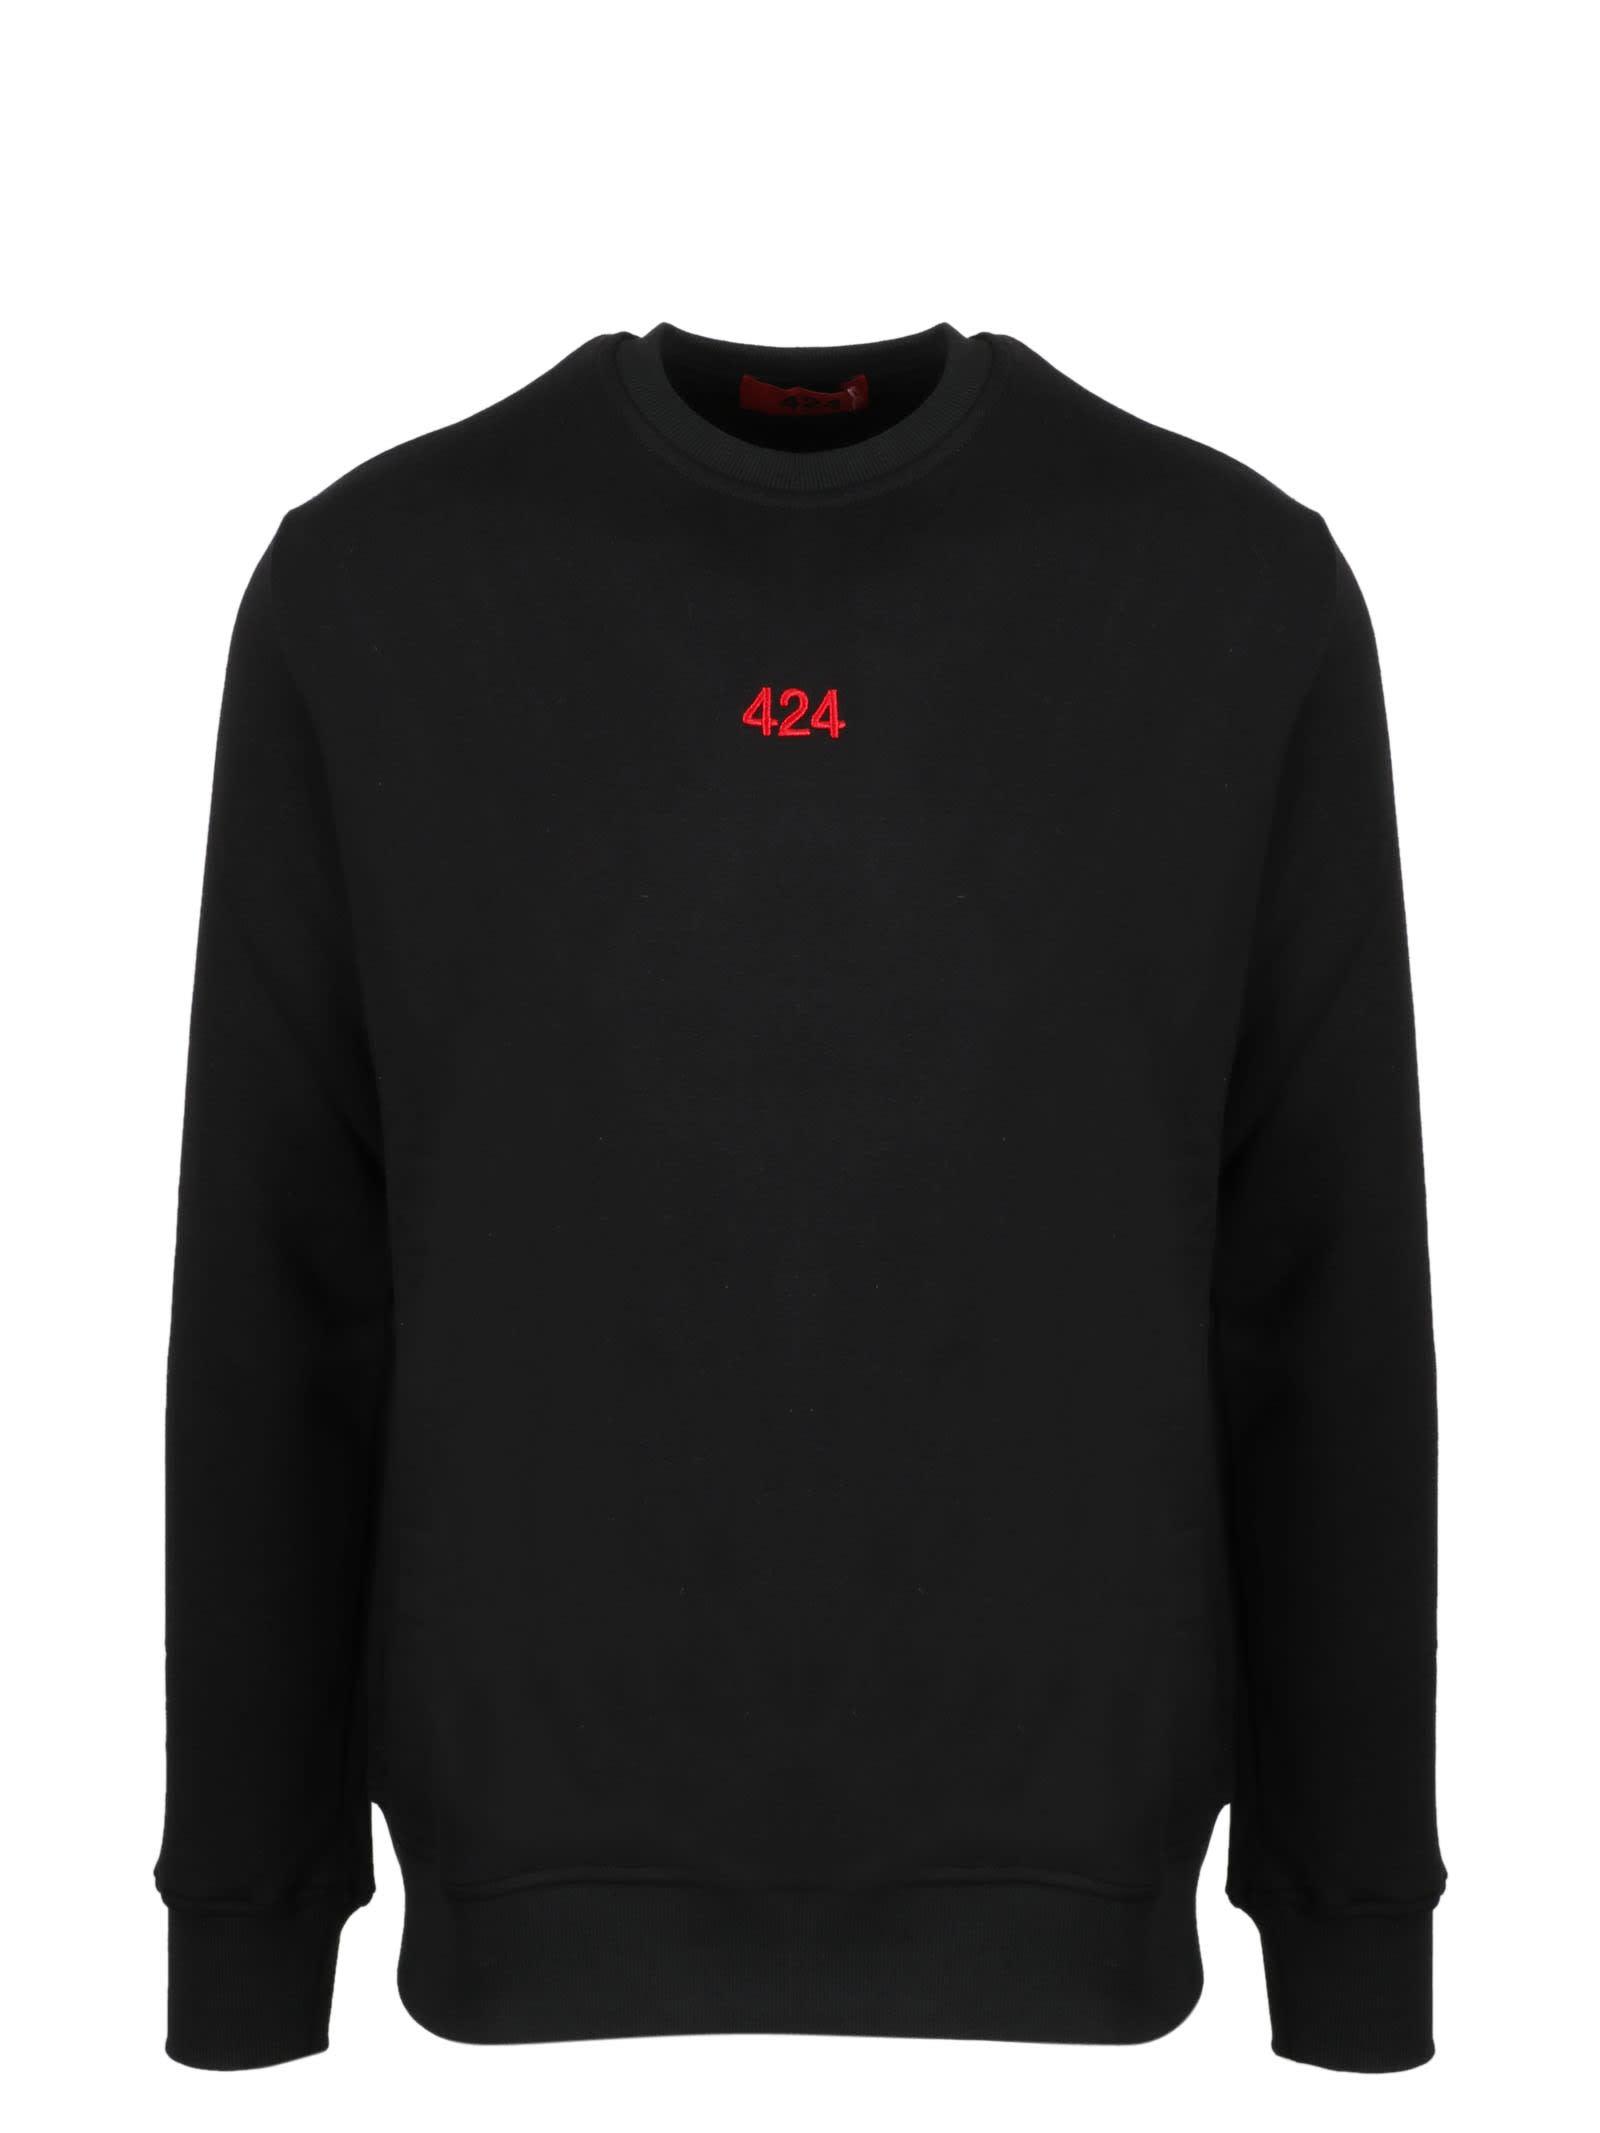 424 Embroidered Sweatshirt